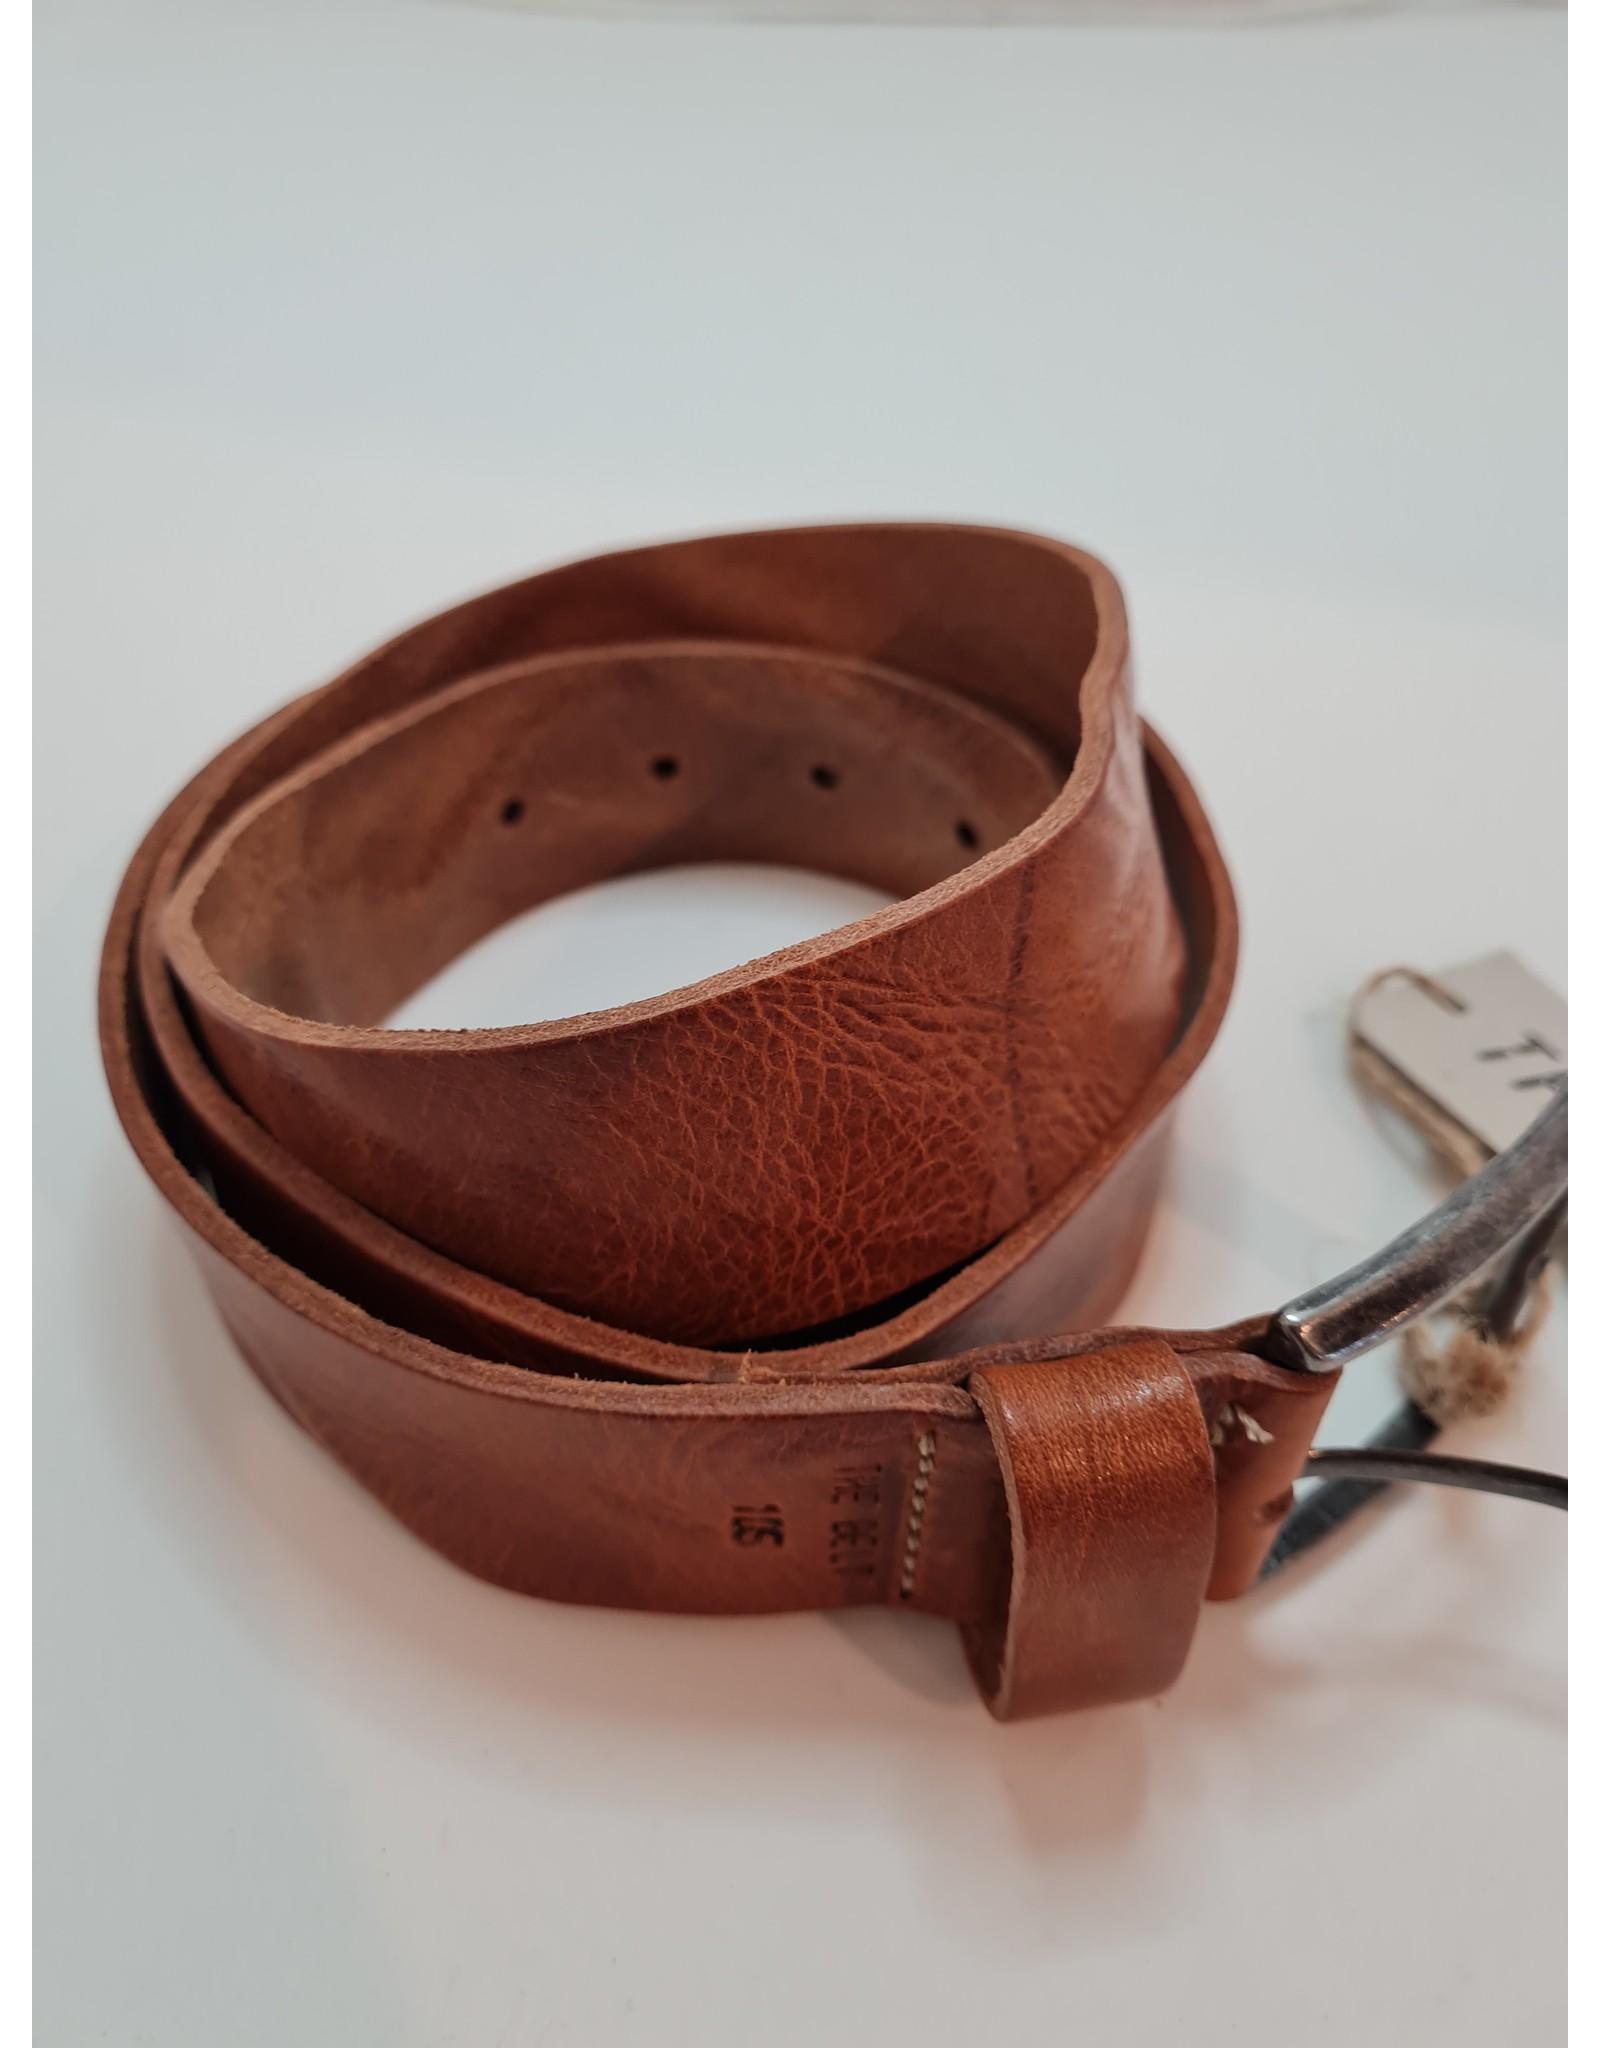 The Belt The Belt - Riem Cognac